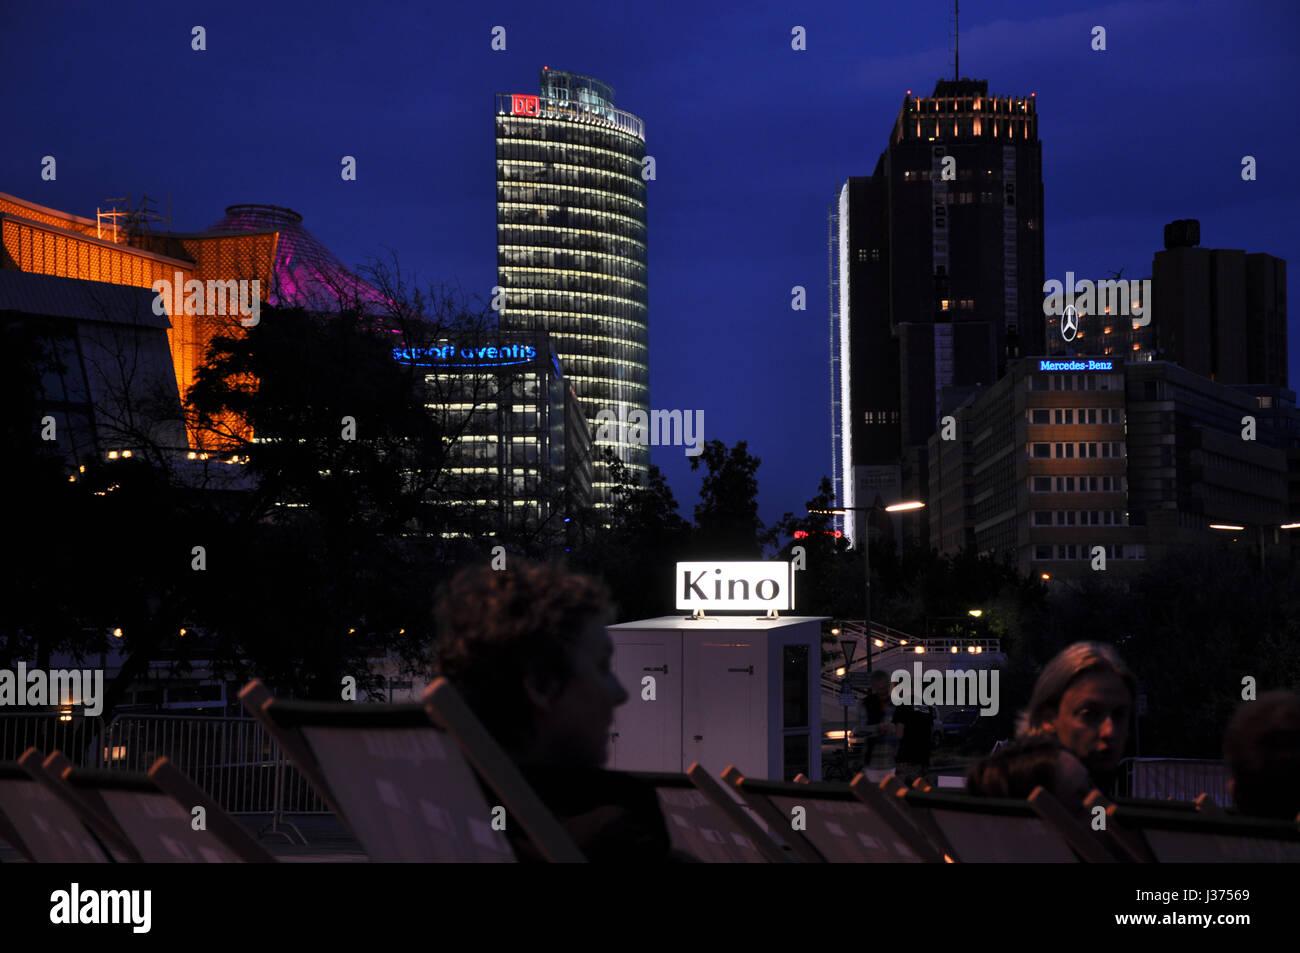 Schöne Skyline des Potsdamer Platzes in Berlin, gesehen vom Openair-Kino am Kulturforum. Stockbild